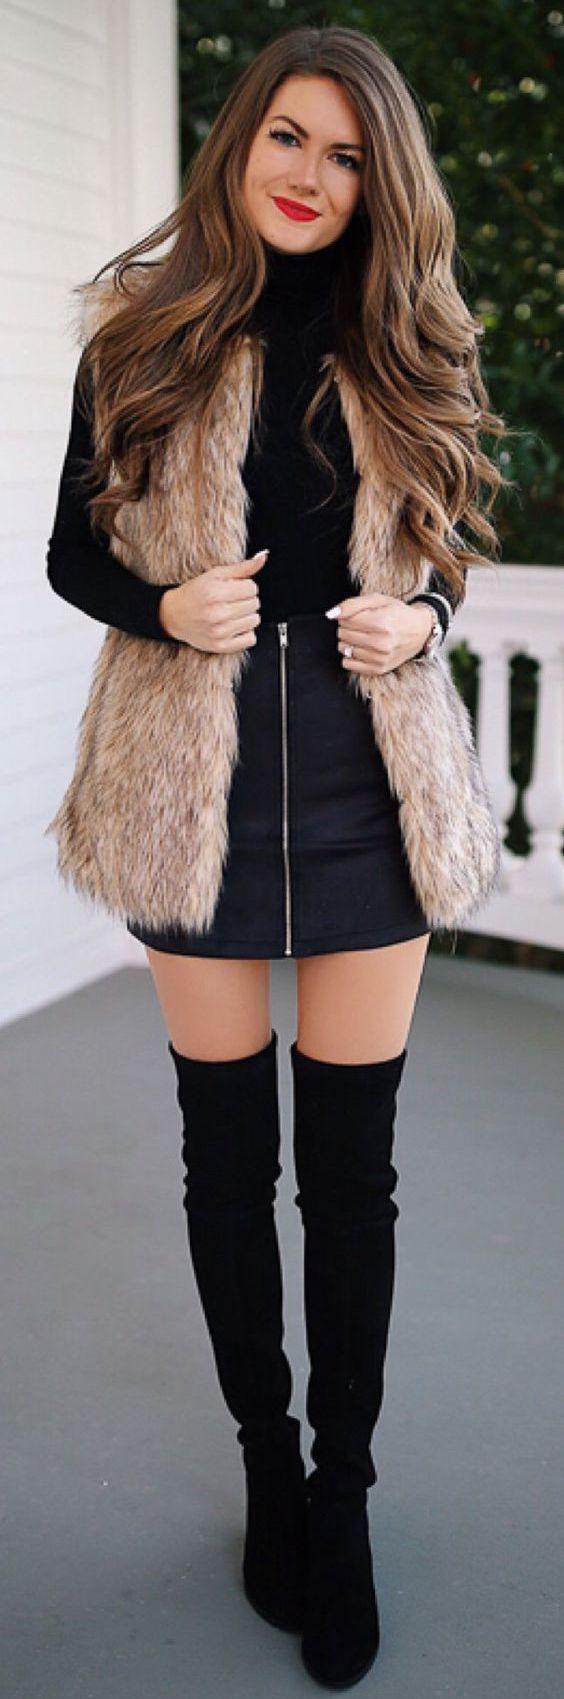 #Winter #Outfits / Faux Fur Vest + Black OTK Boots